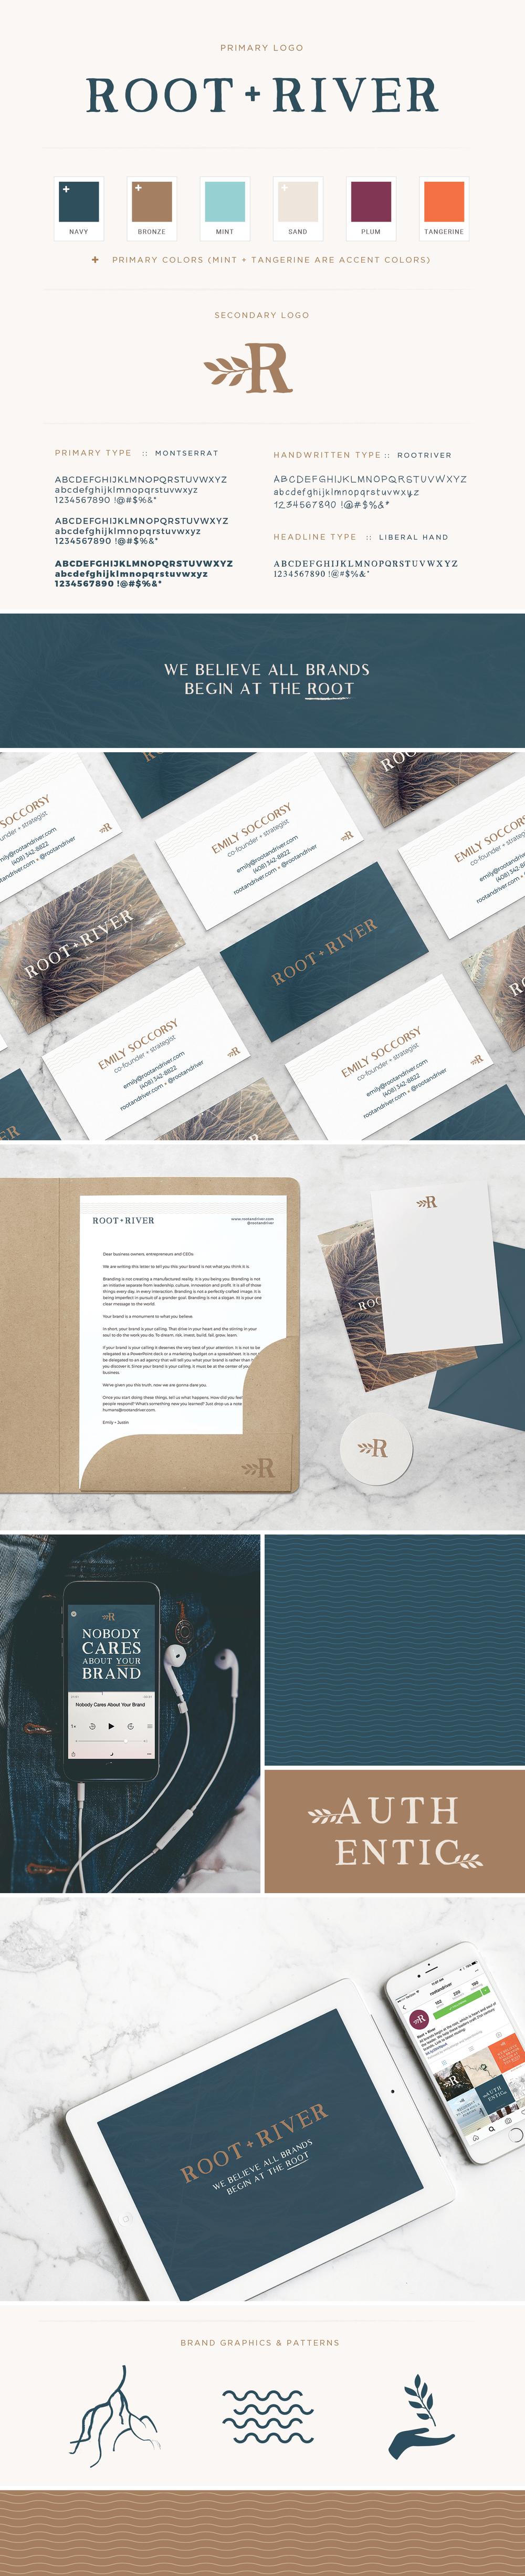 rootriver-design.png